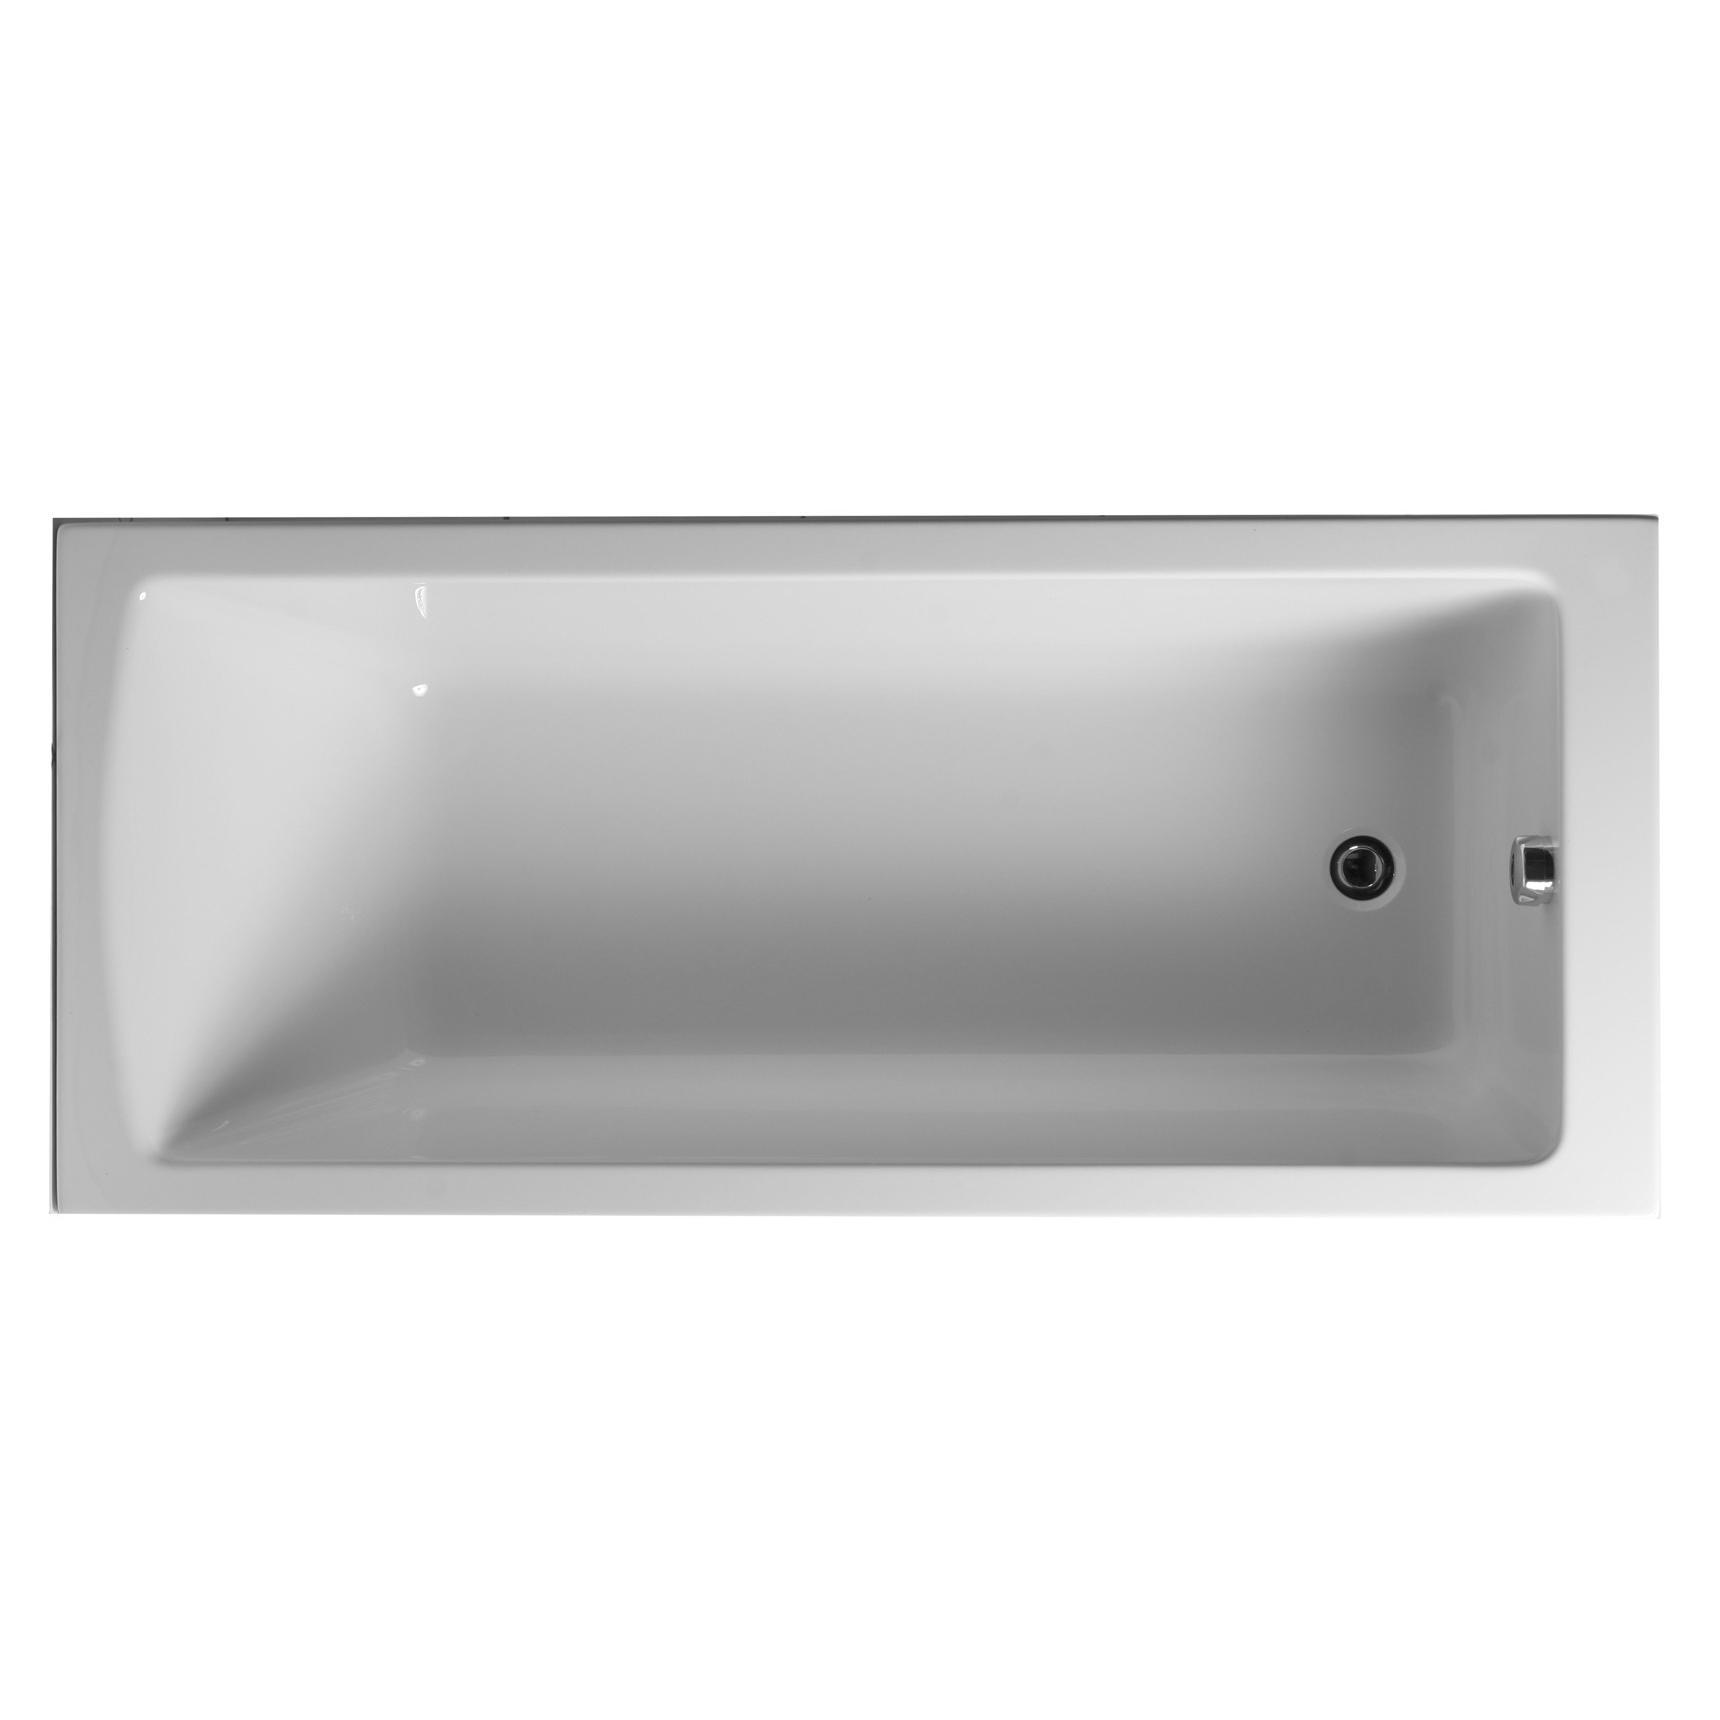 Акриловая ванна Vitra Neon 170x75 без гидромассажа цены